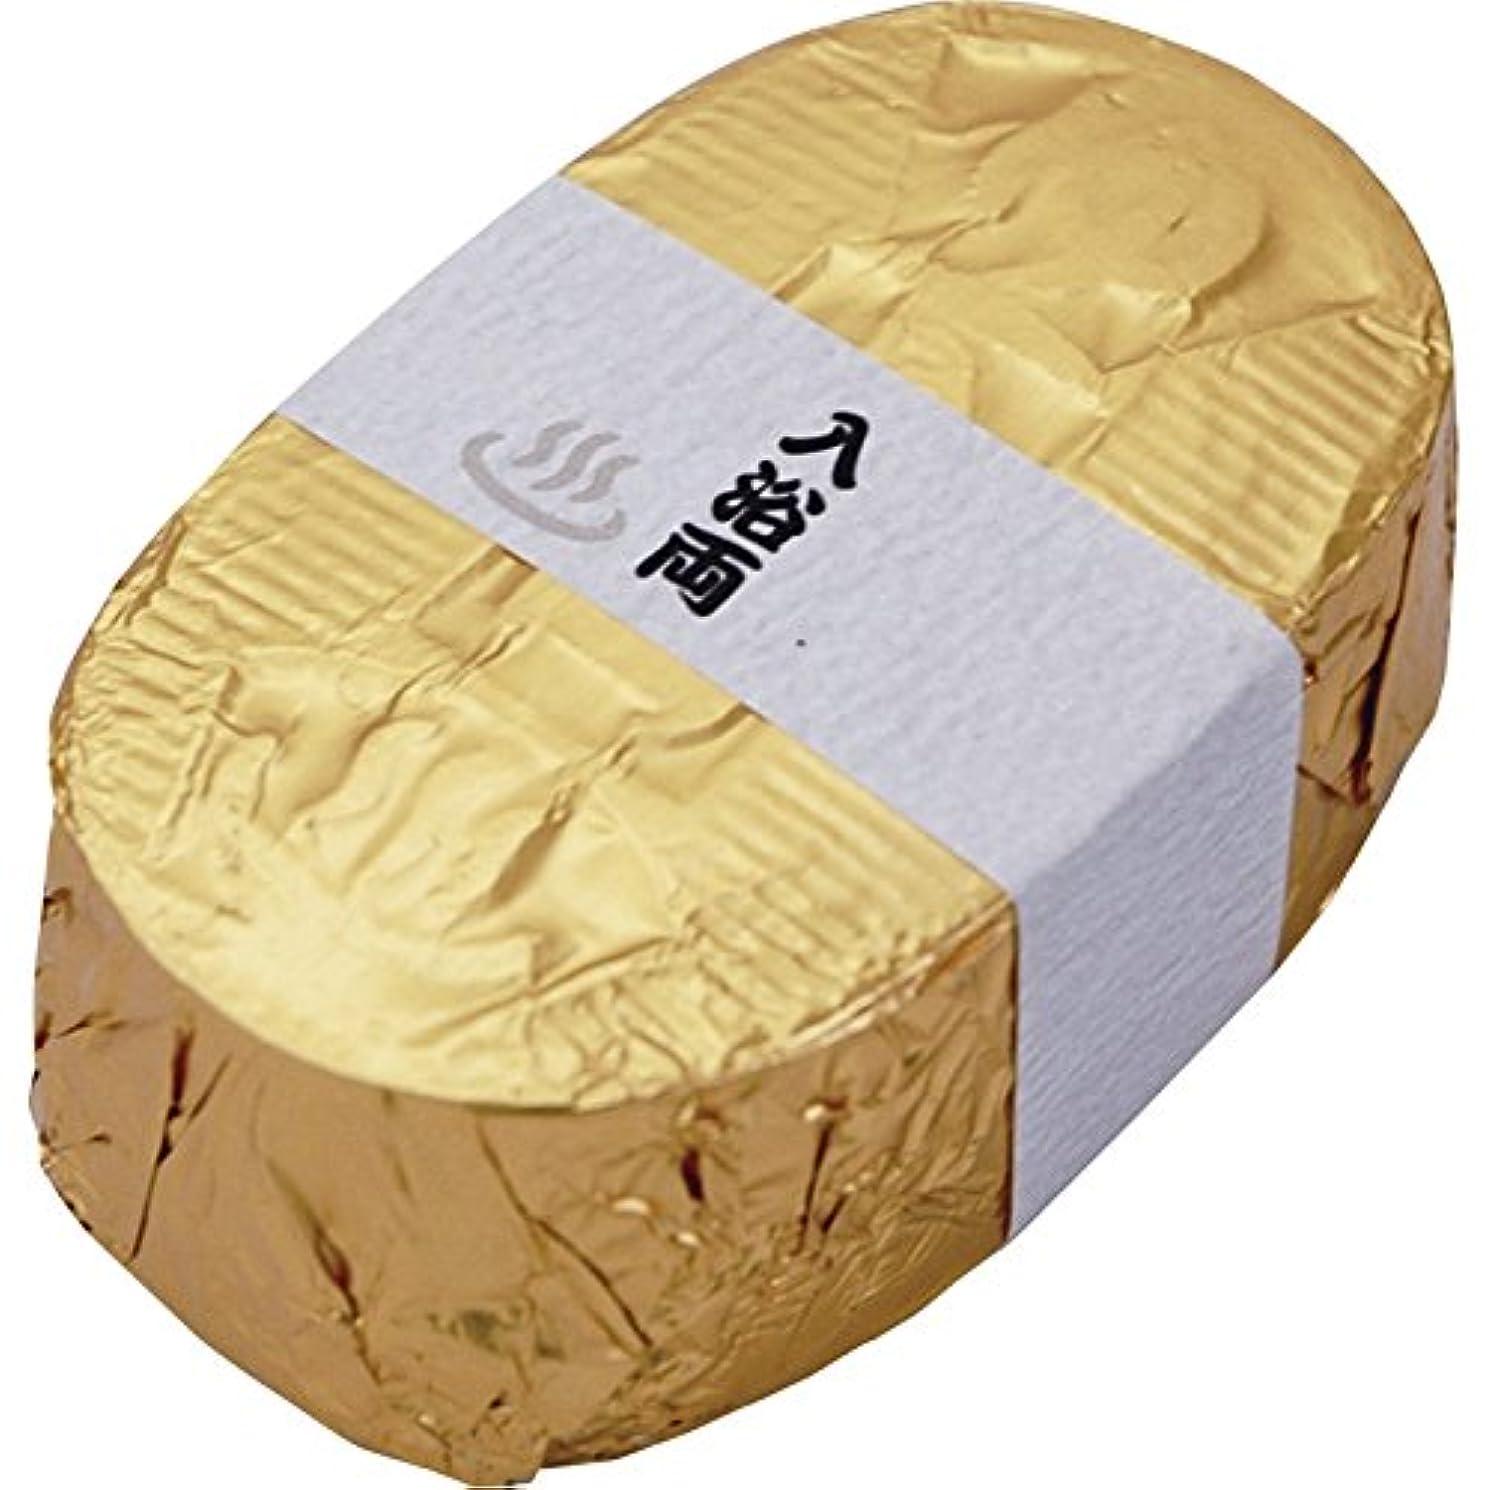 供給アシスト自己尊重小判型バスボム入浴両 KOB 【にゅうよくざい こばんがた ばすぼむ いんぱくと おもしろい 】